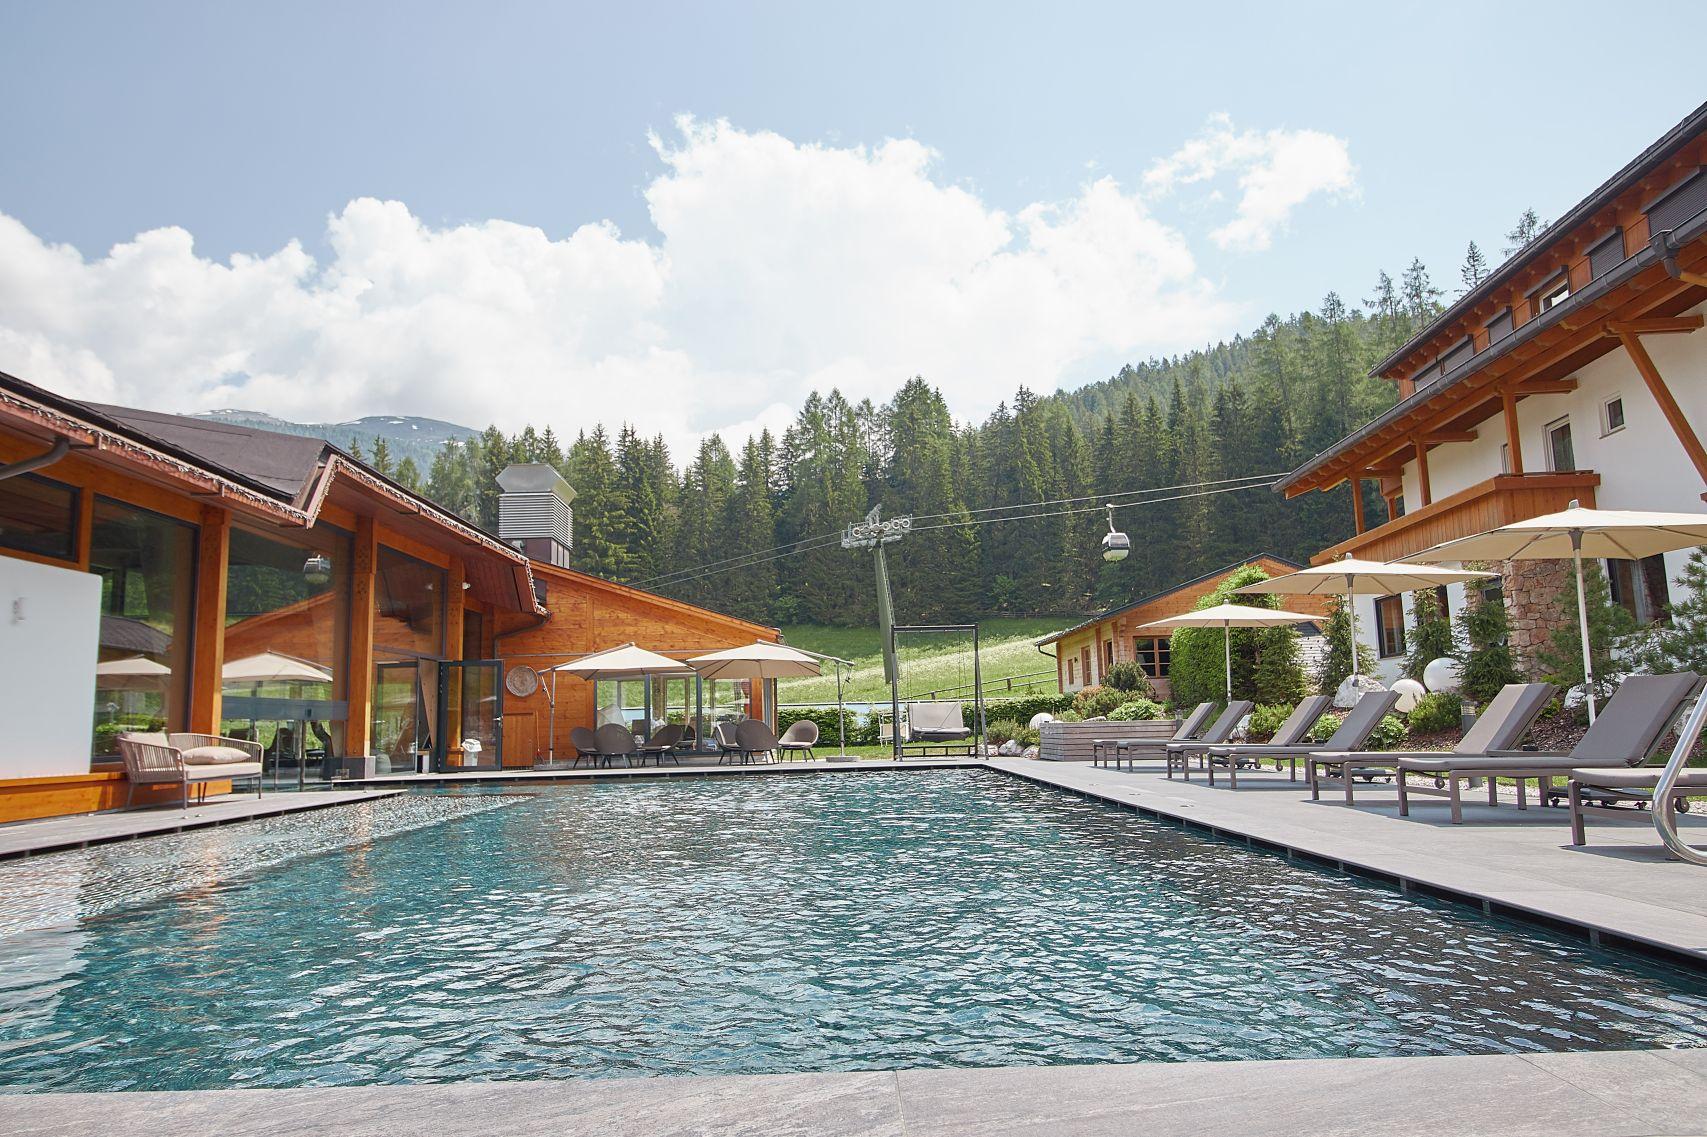 Seilbahn neben dem Bad Moos Dolomites Spa Resort